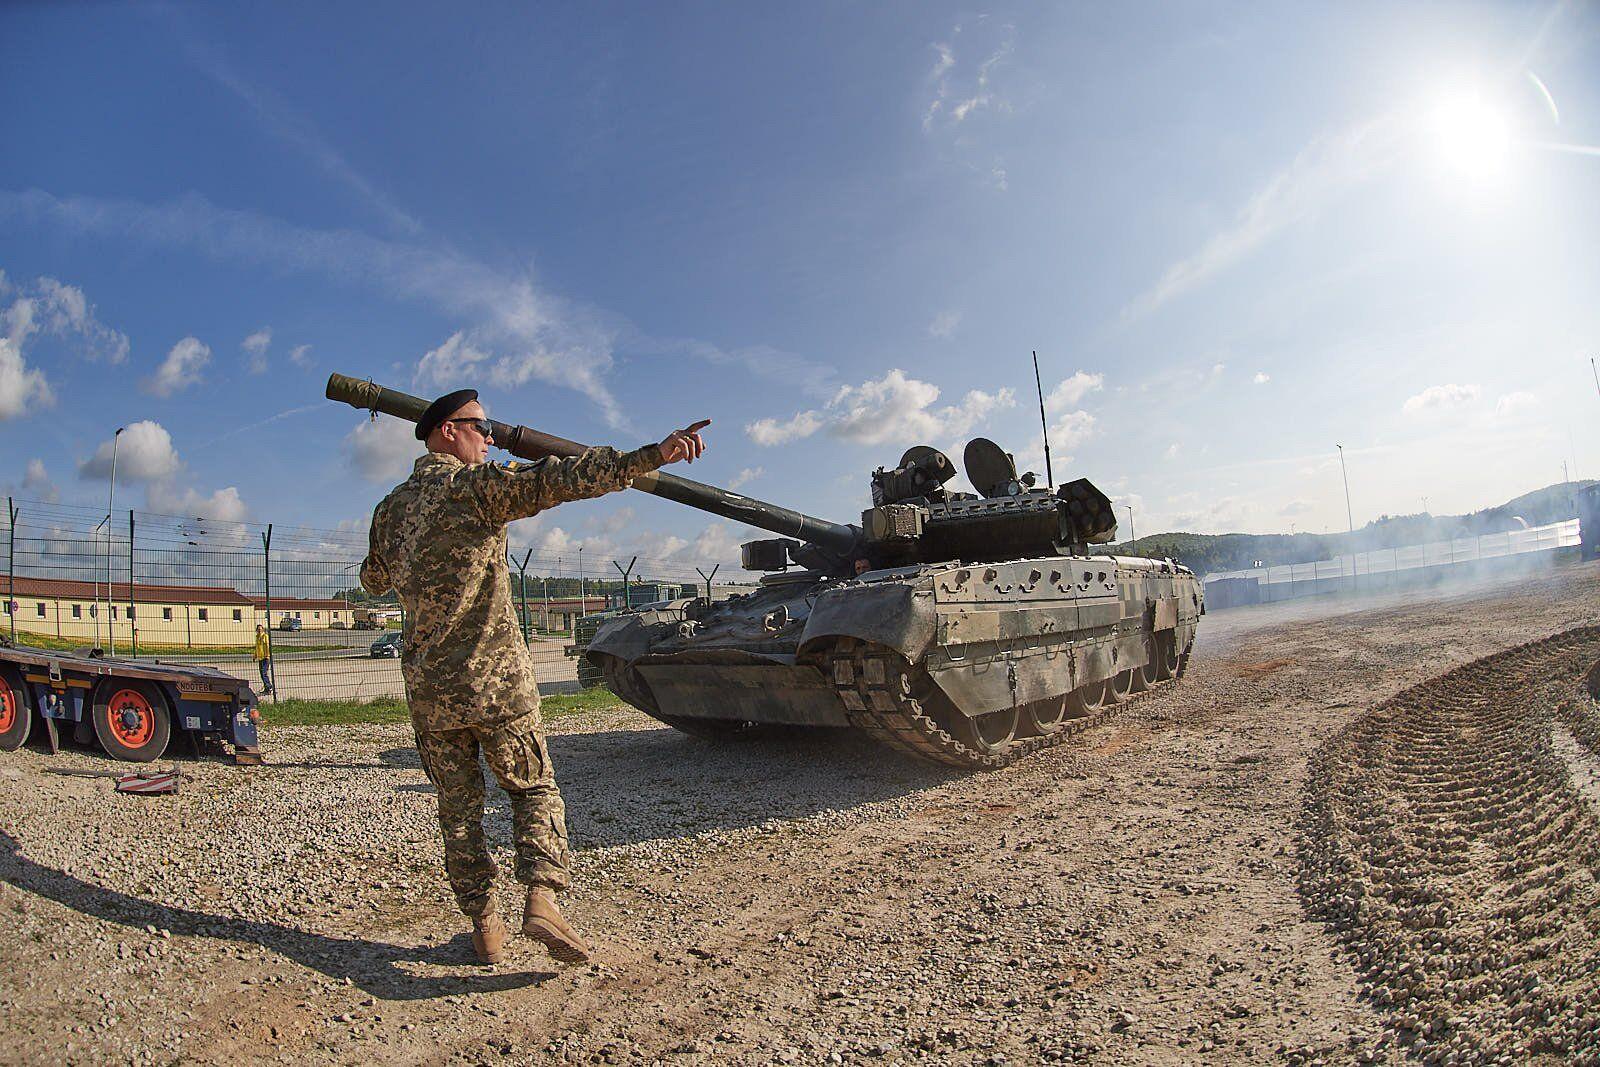 Українська армія має потенціал відбити Донбас військовим шляхом, вважає генерал Михайло Забродський